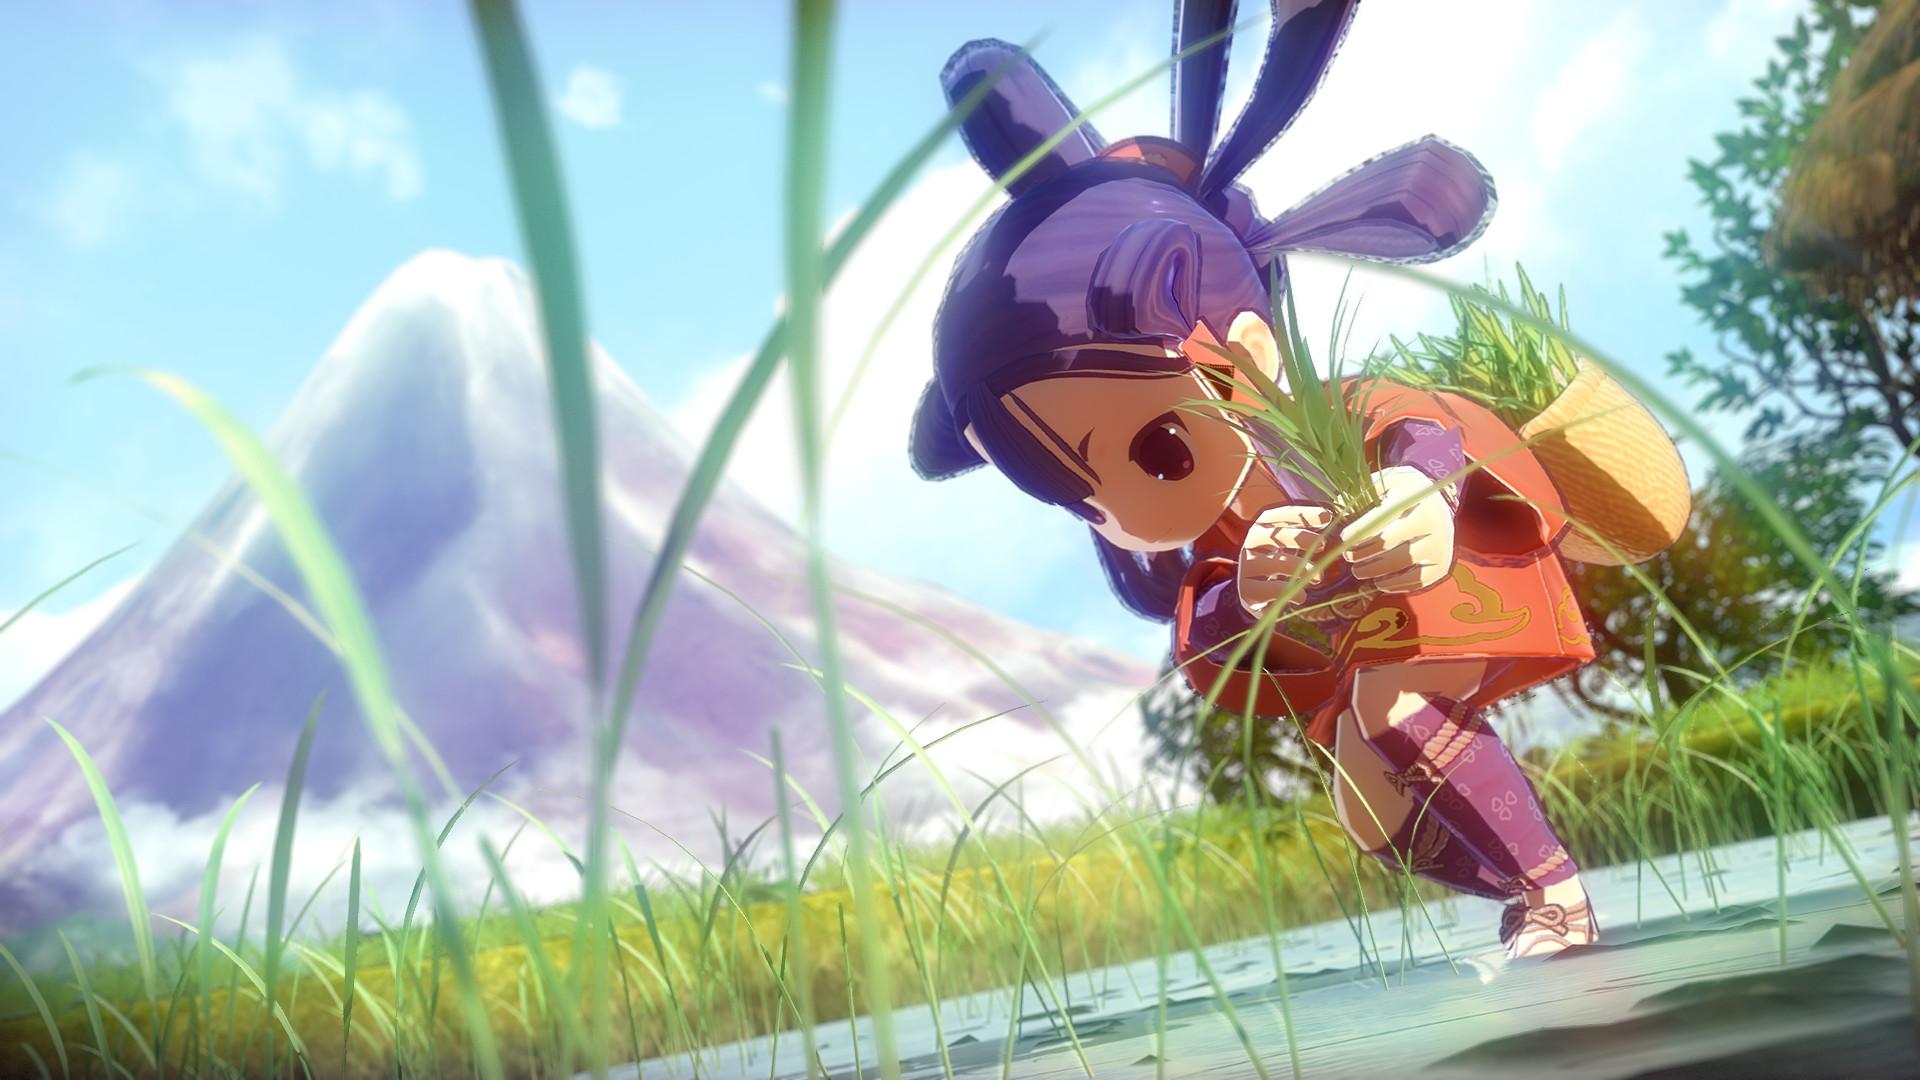 因太火热《天穗之咲稻姬》限界年数扩张至9999年